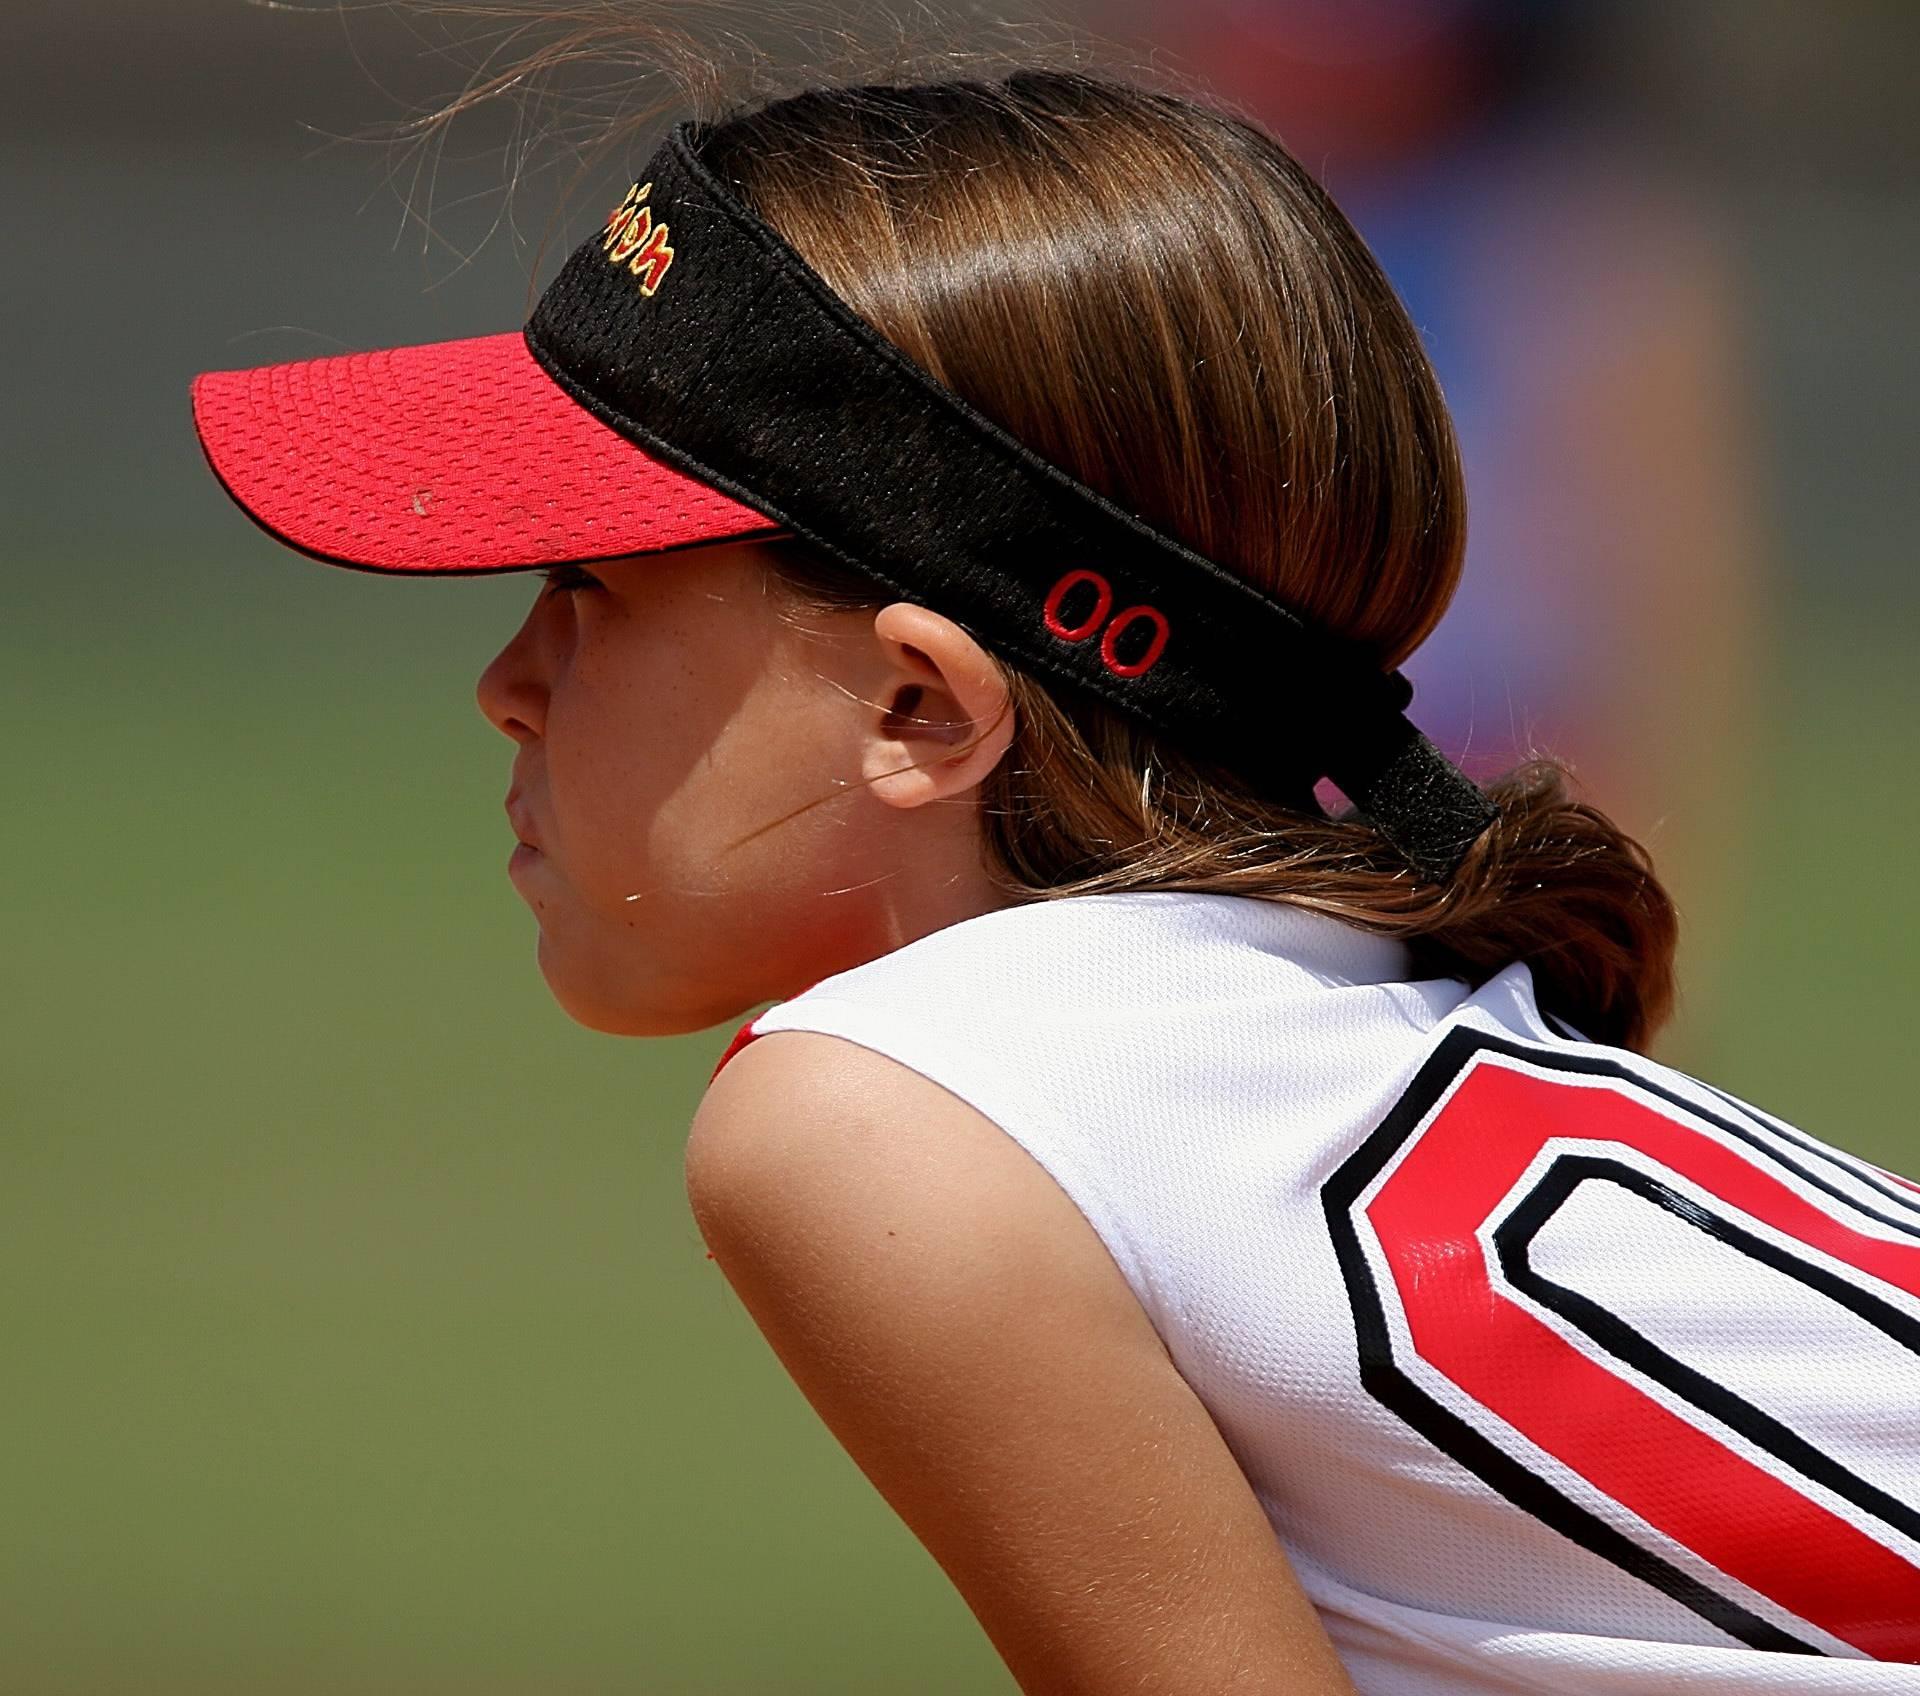 Saznajte kako odvojiti dijete od ekrana i potaknuti na sport